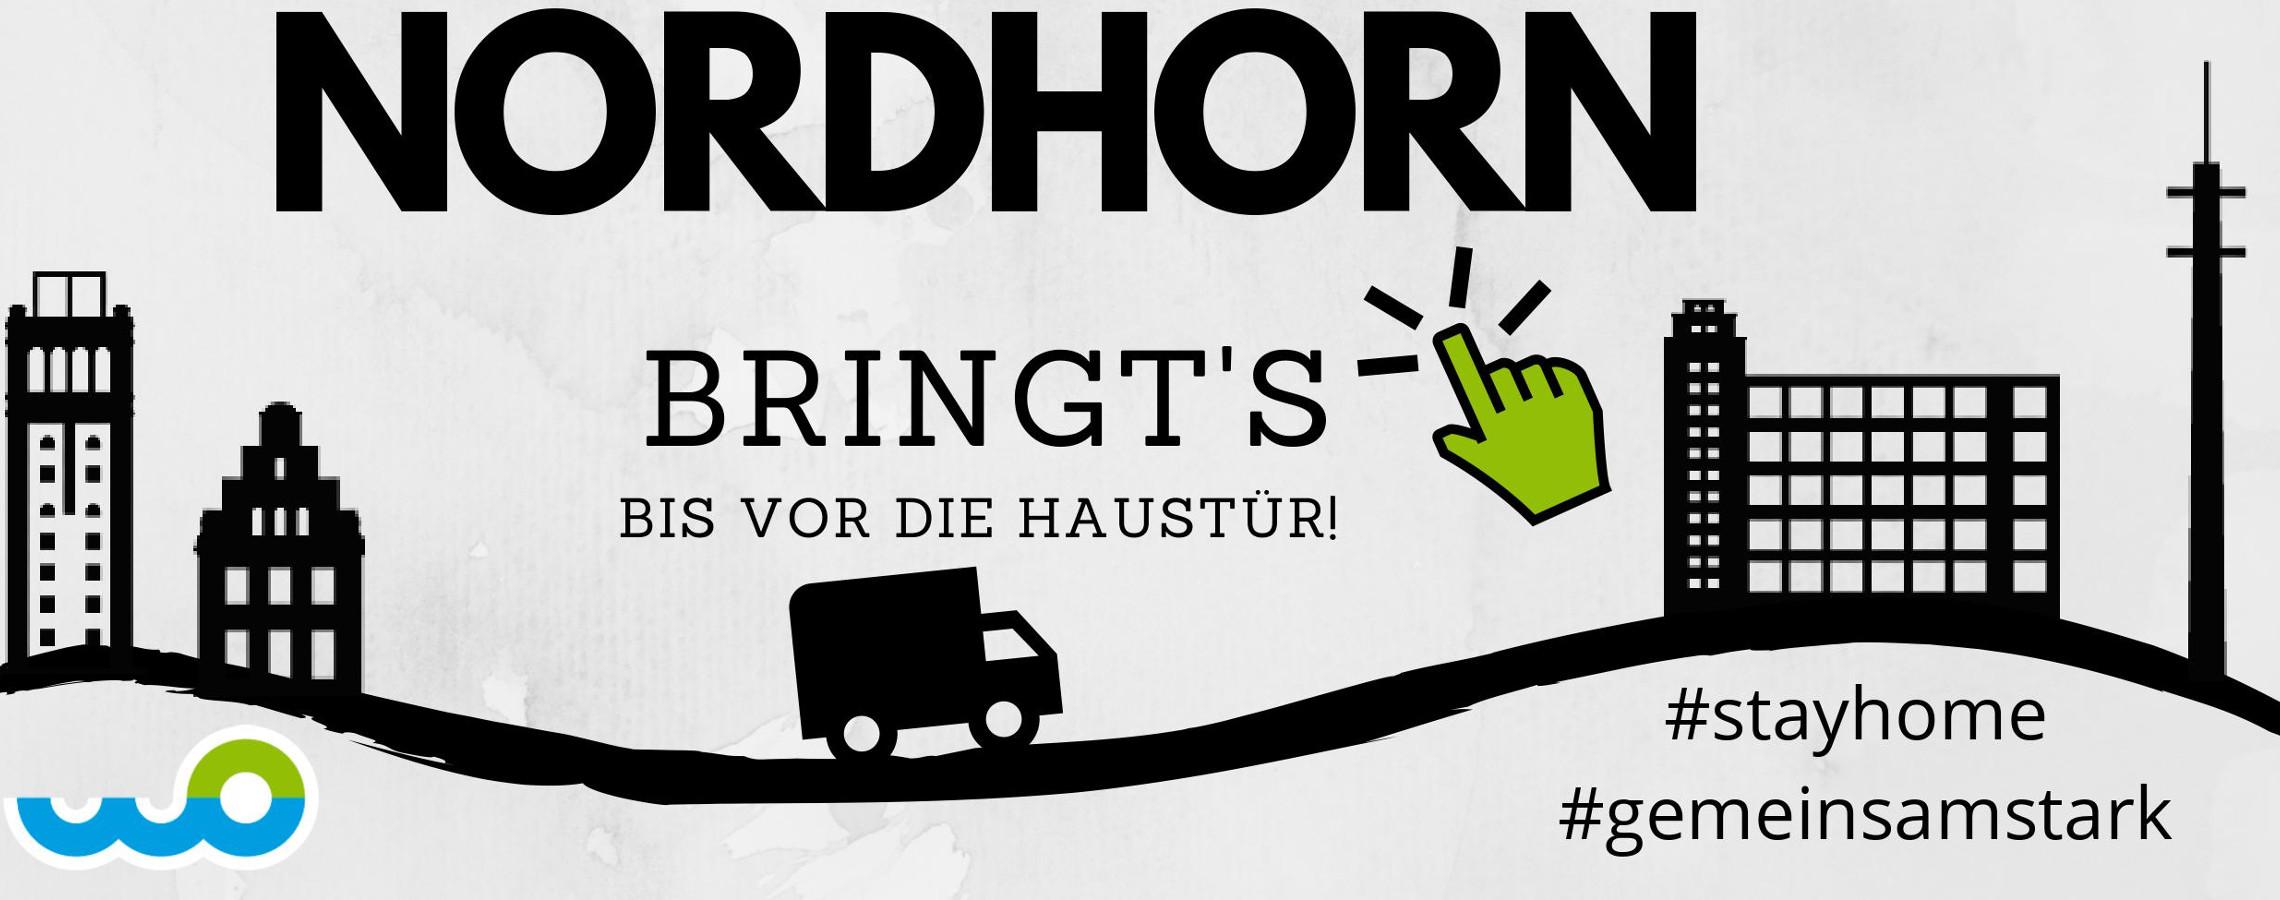 Nordhorn bringt's 2020